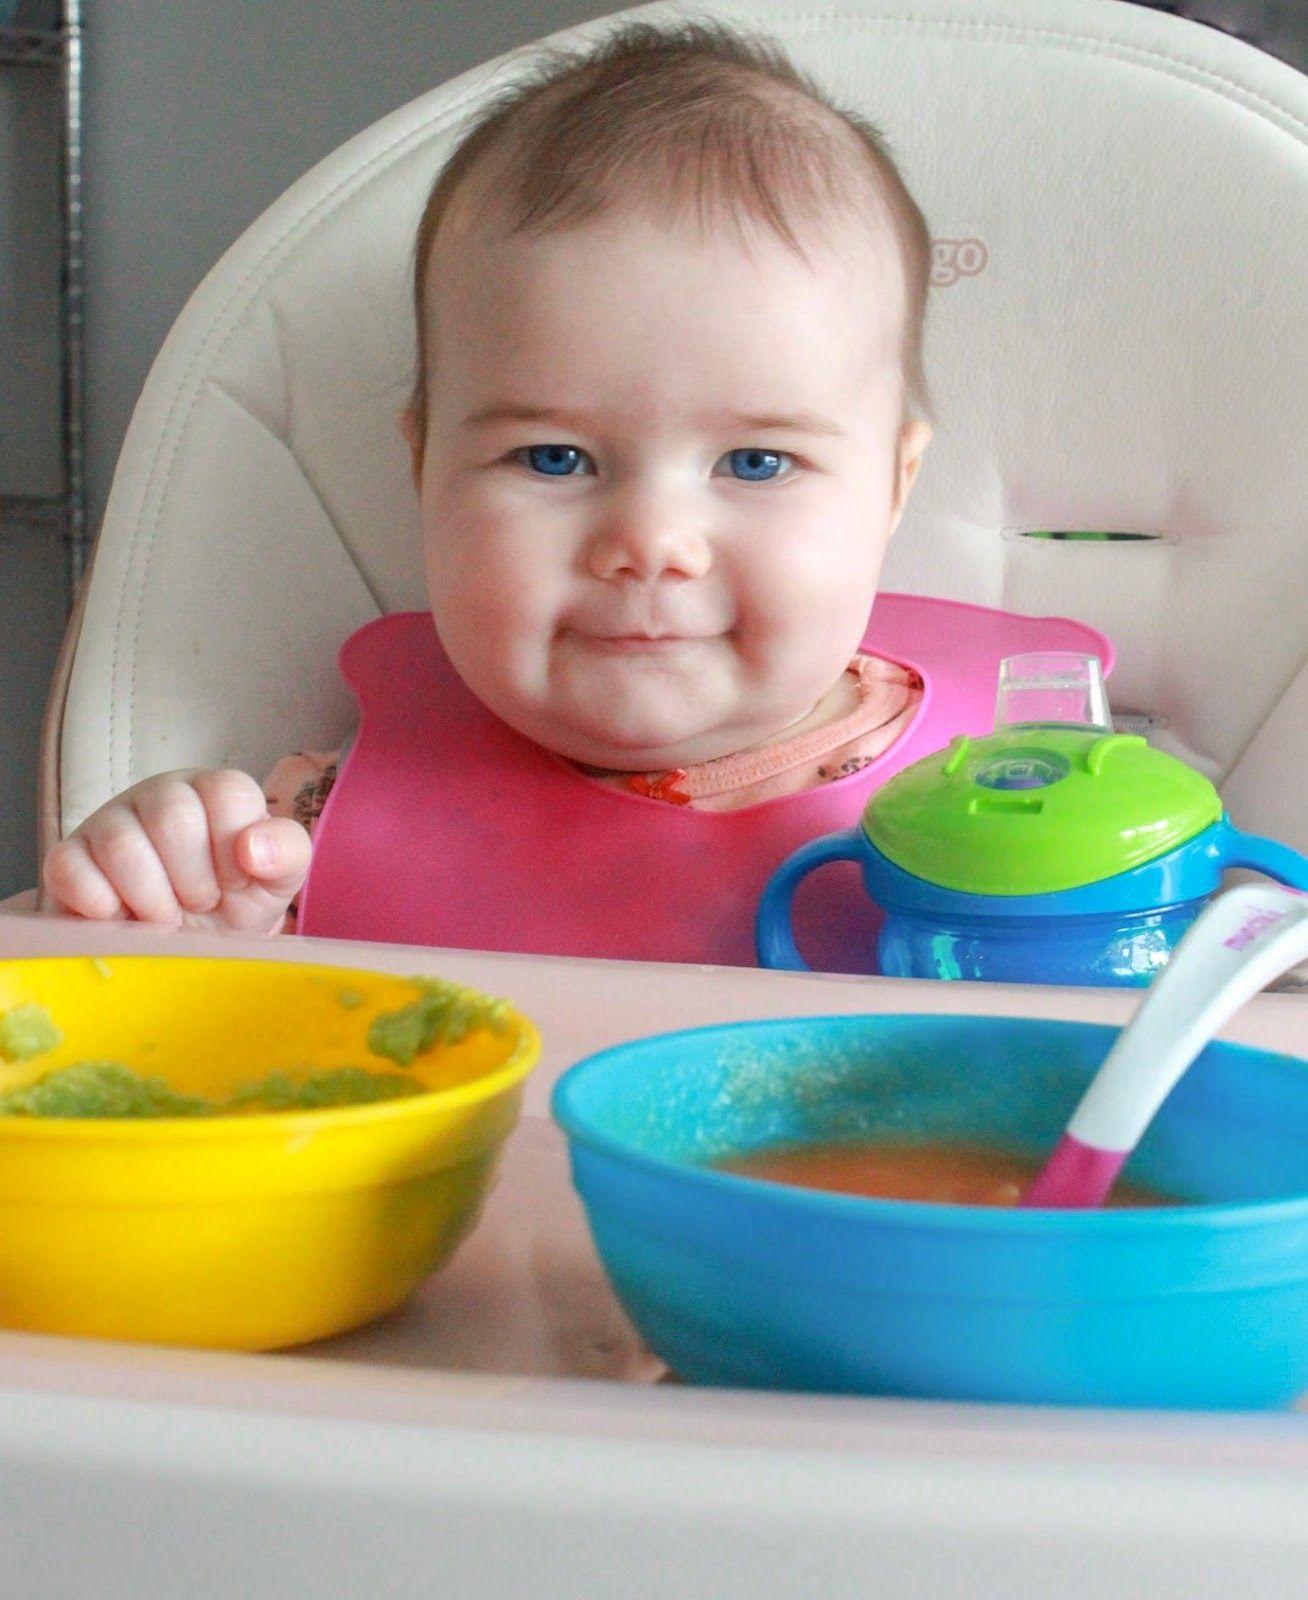 Baby Feeding Essentials: 6 Months | Feeding essentials ...